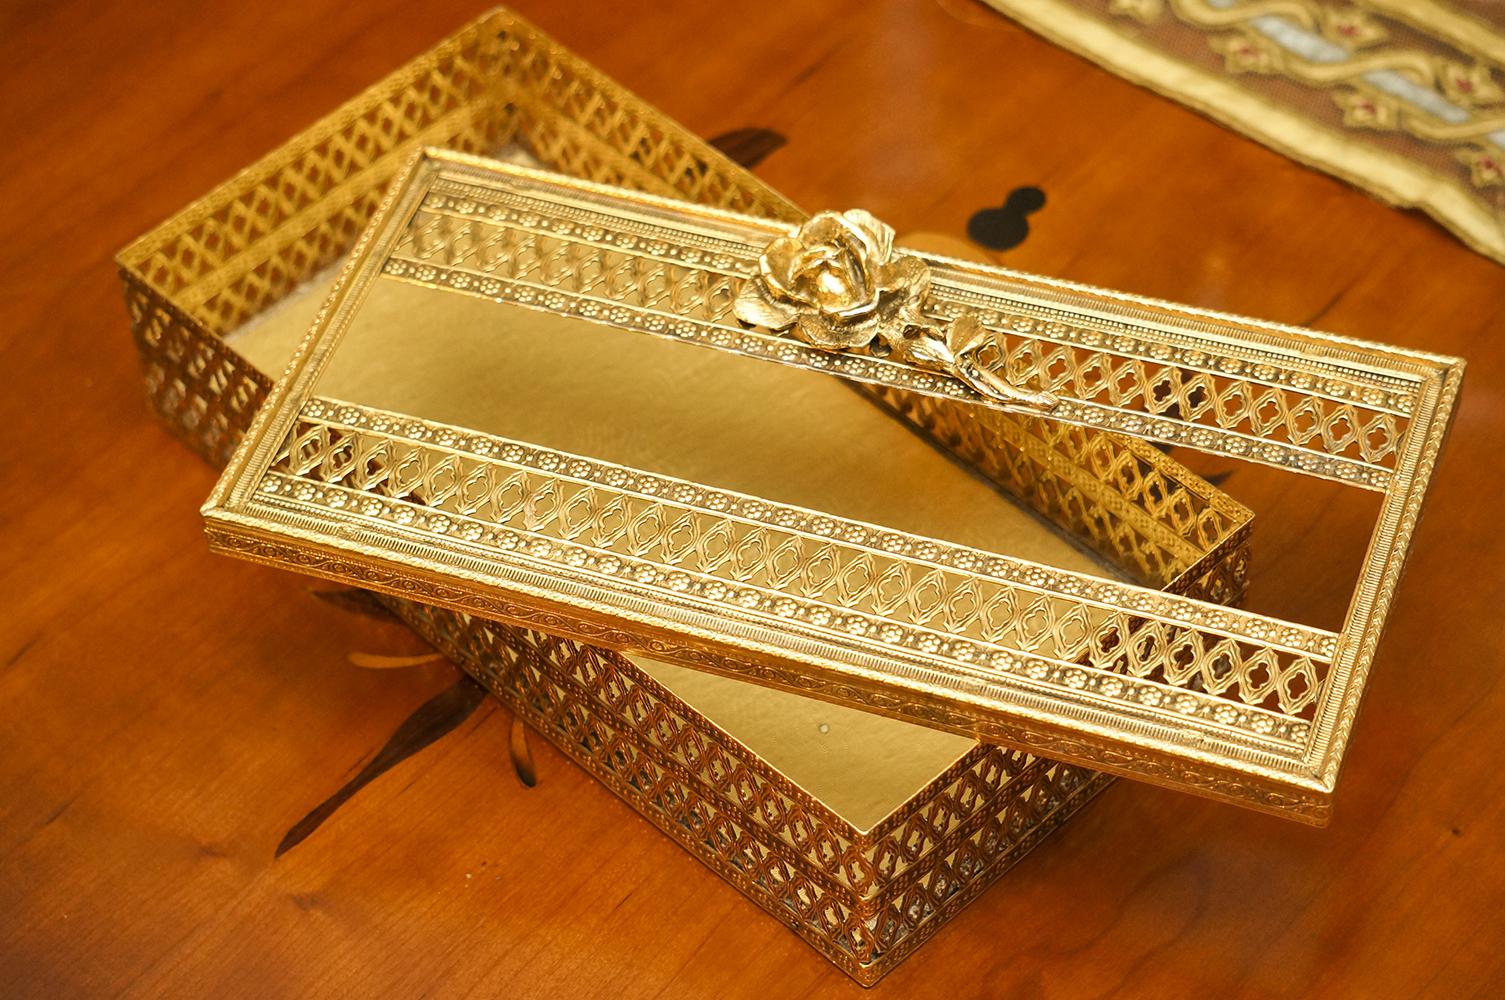 Sold: スタイルビルト製 ゴールド ローズ ティッシュボックス 開けた状態